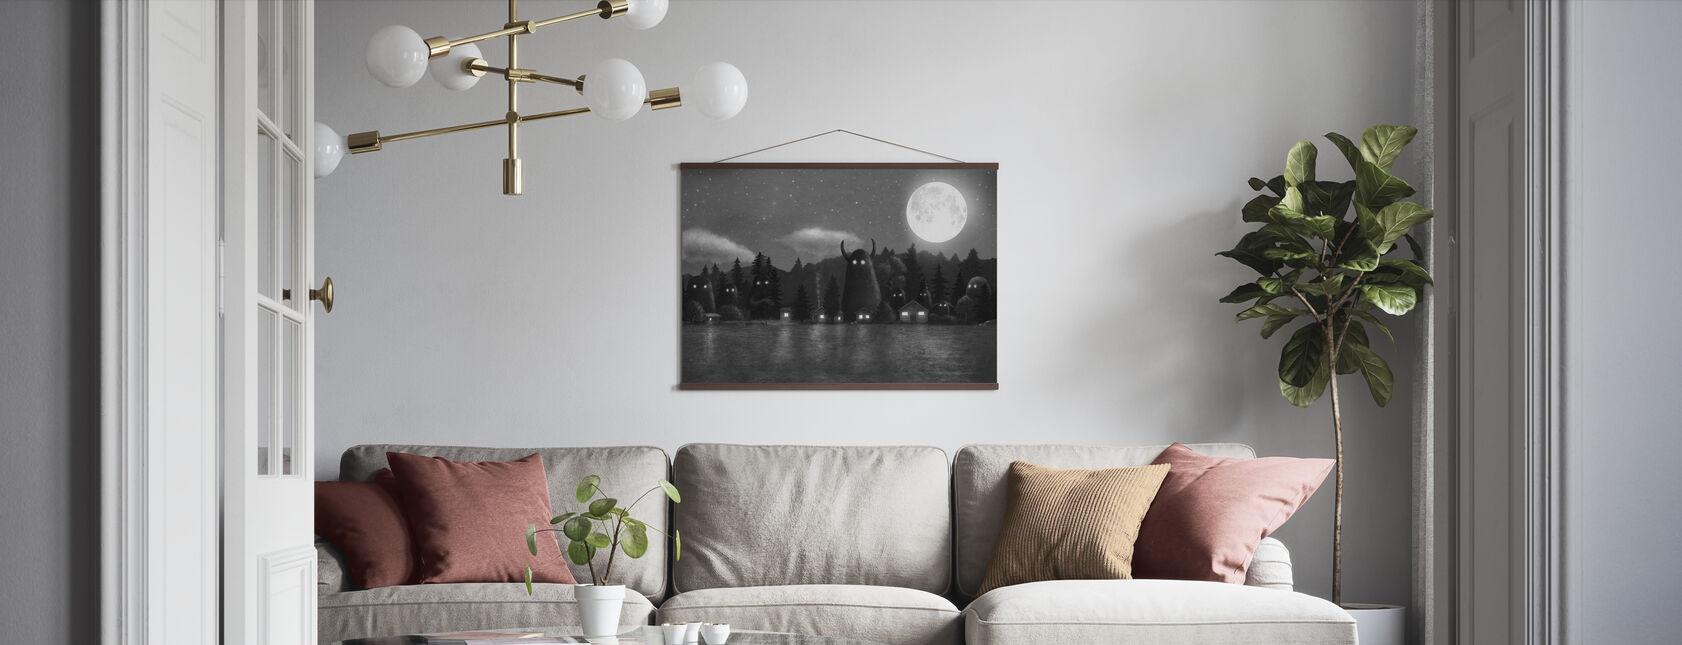 Mørkeste Mørk - Cover Mono - Plakat - Stue